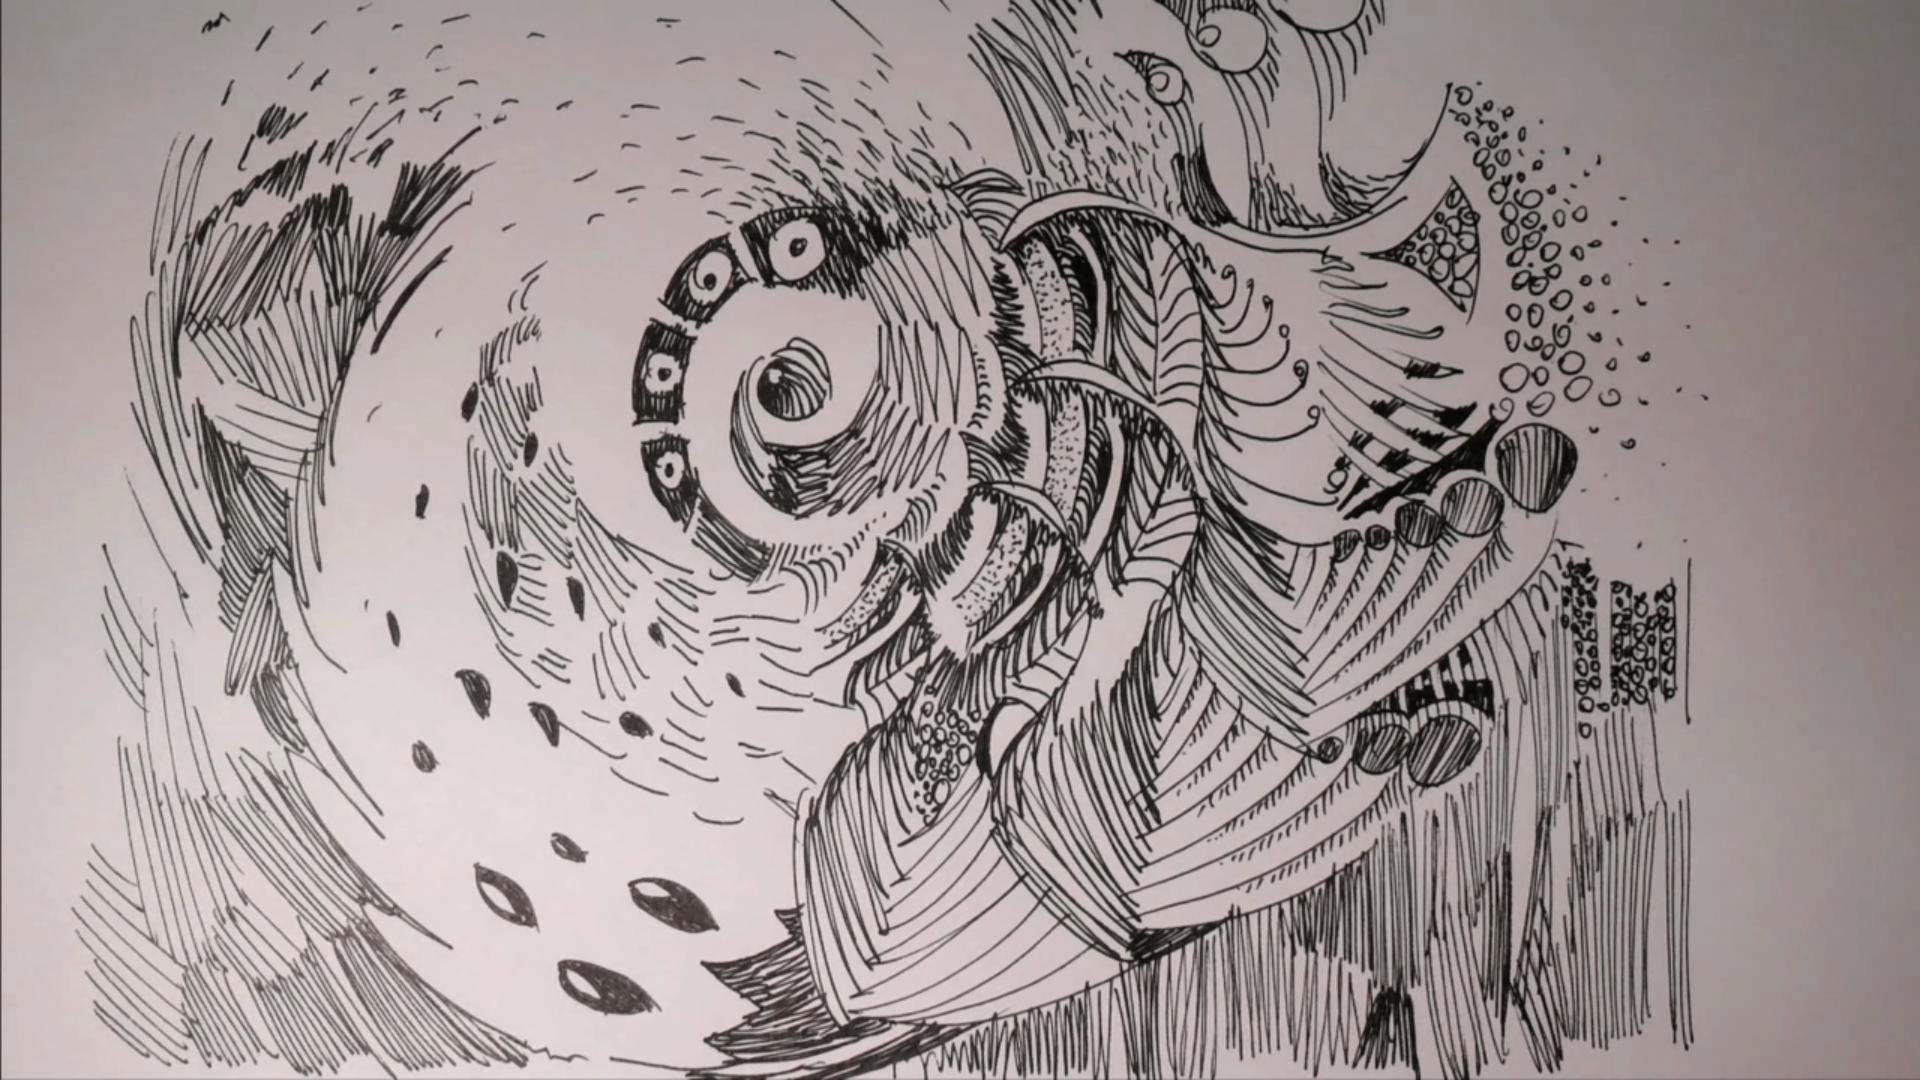 003 Ассоциативное мышление в работе художника